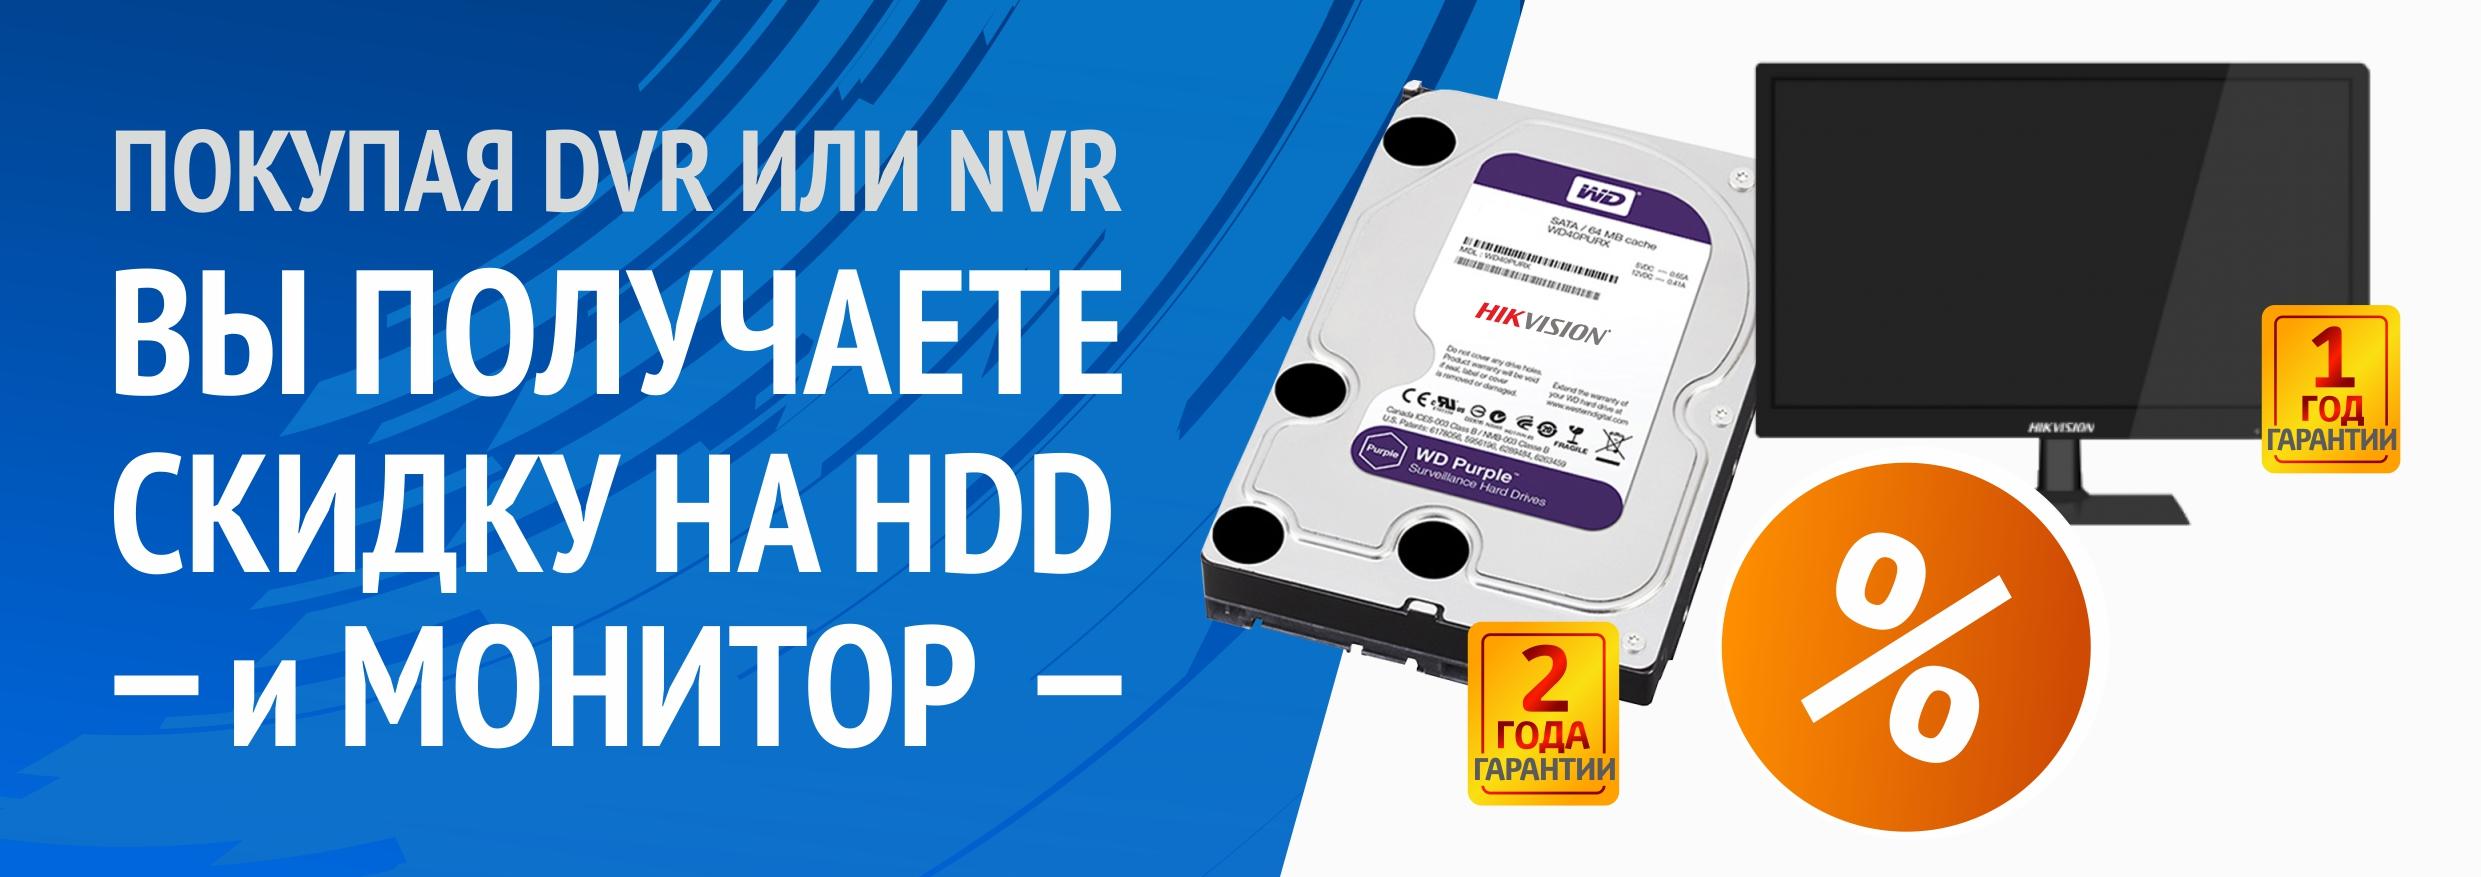 Акция для DVR или NVR со скидкой на HDD и специализированные мониторы